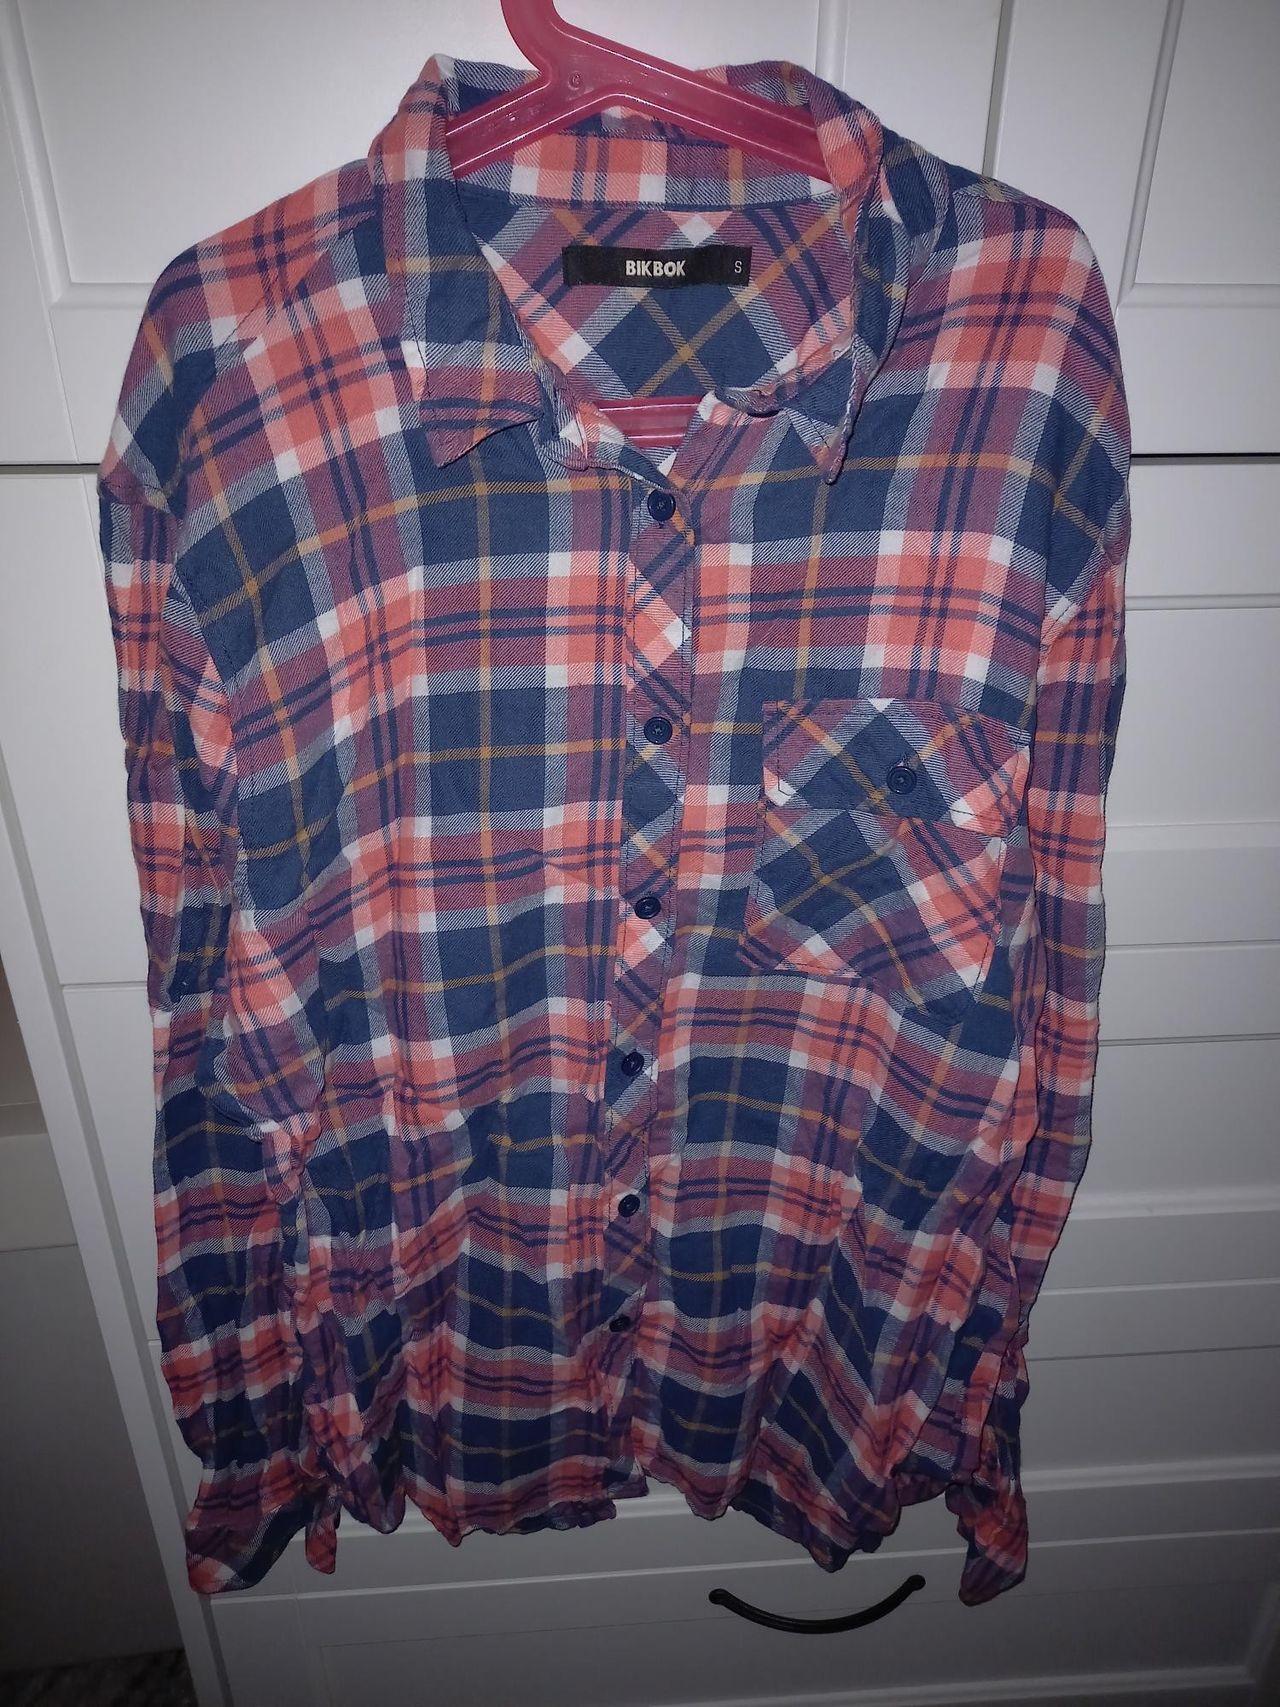 skjorter jenter bikbok